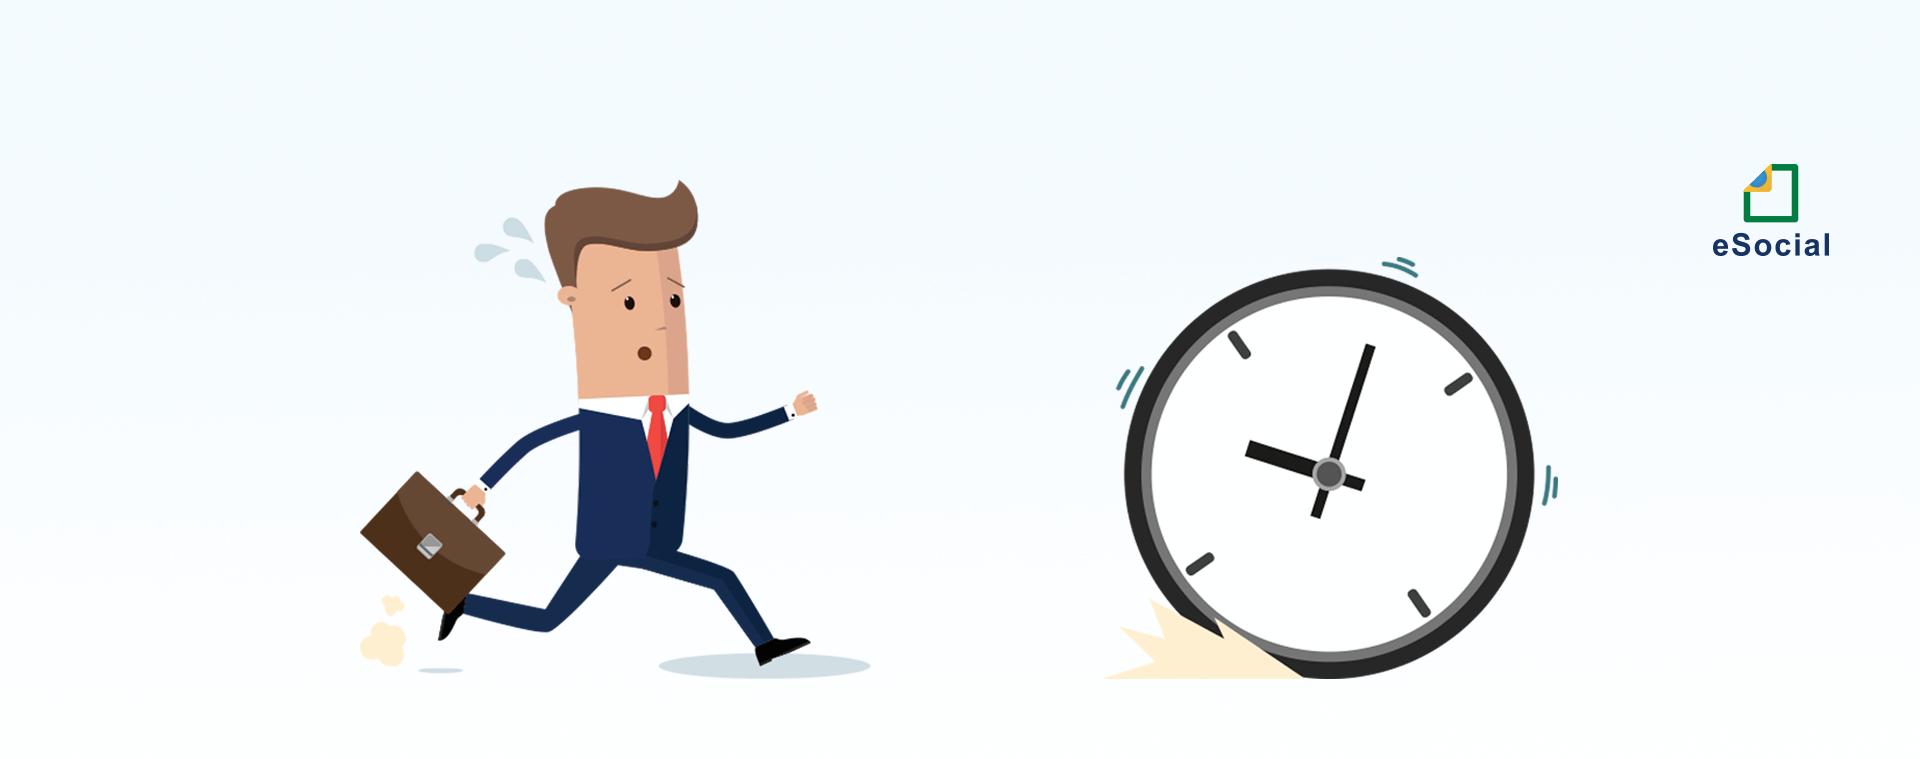 Seu tempo está acabando para se adequar ao eSocial. Você já está preparado?